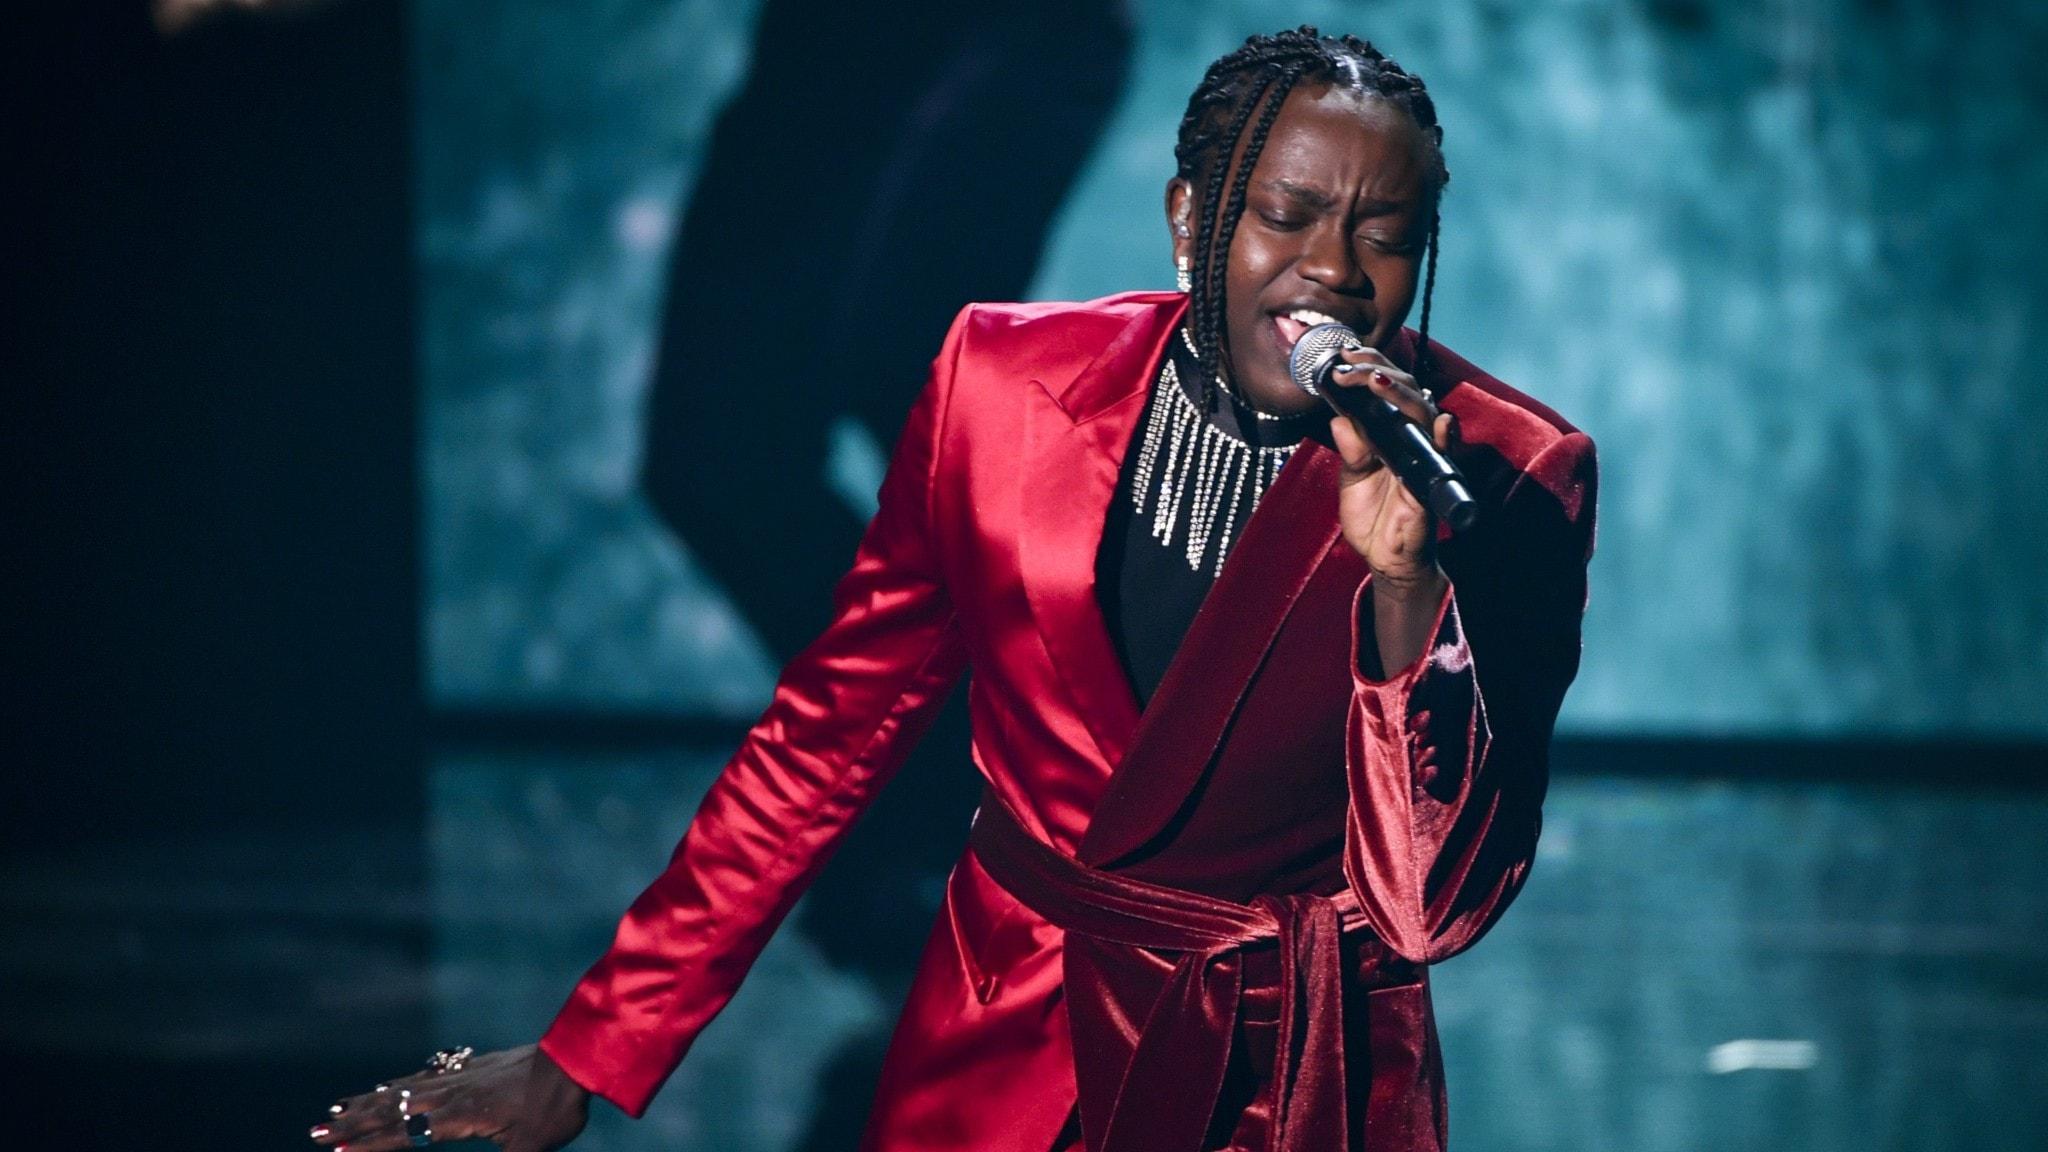 Artisten Tusse, klädd i röd, glansig kostym, på scen under melodifestivalens final.